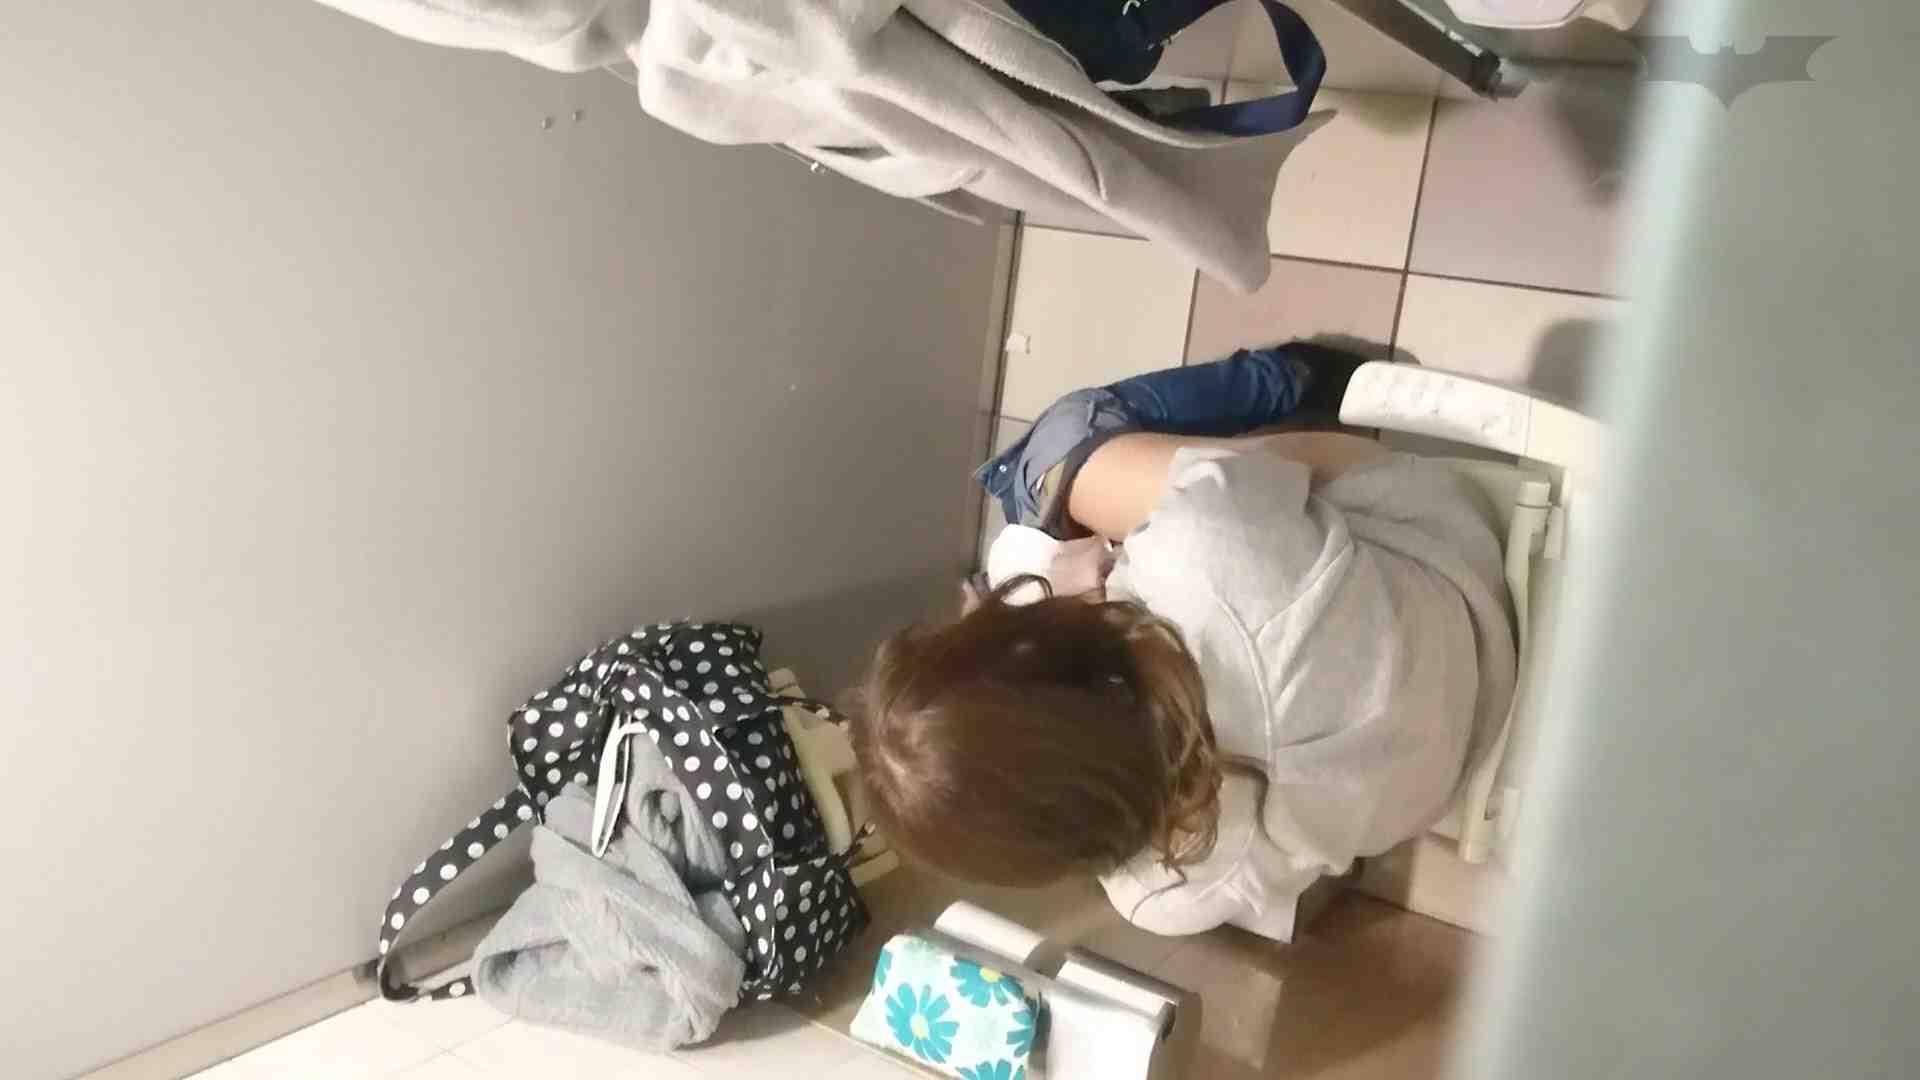 化粧室絵巻 ショッピングモール編 VOL.11 0   いやらしいOL  98連発 69